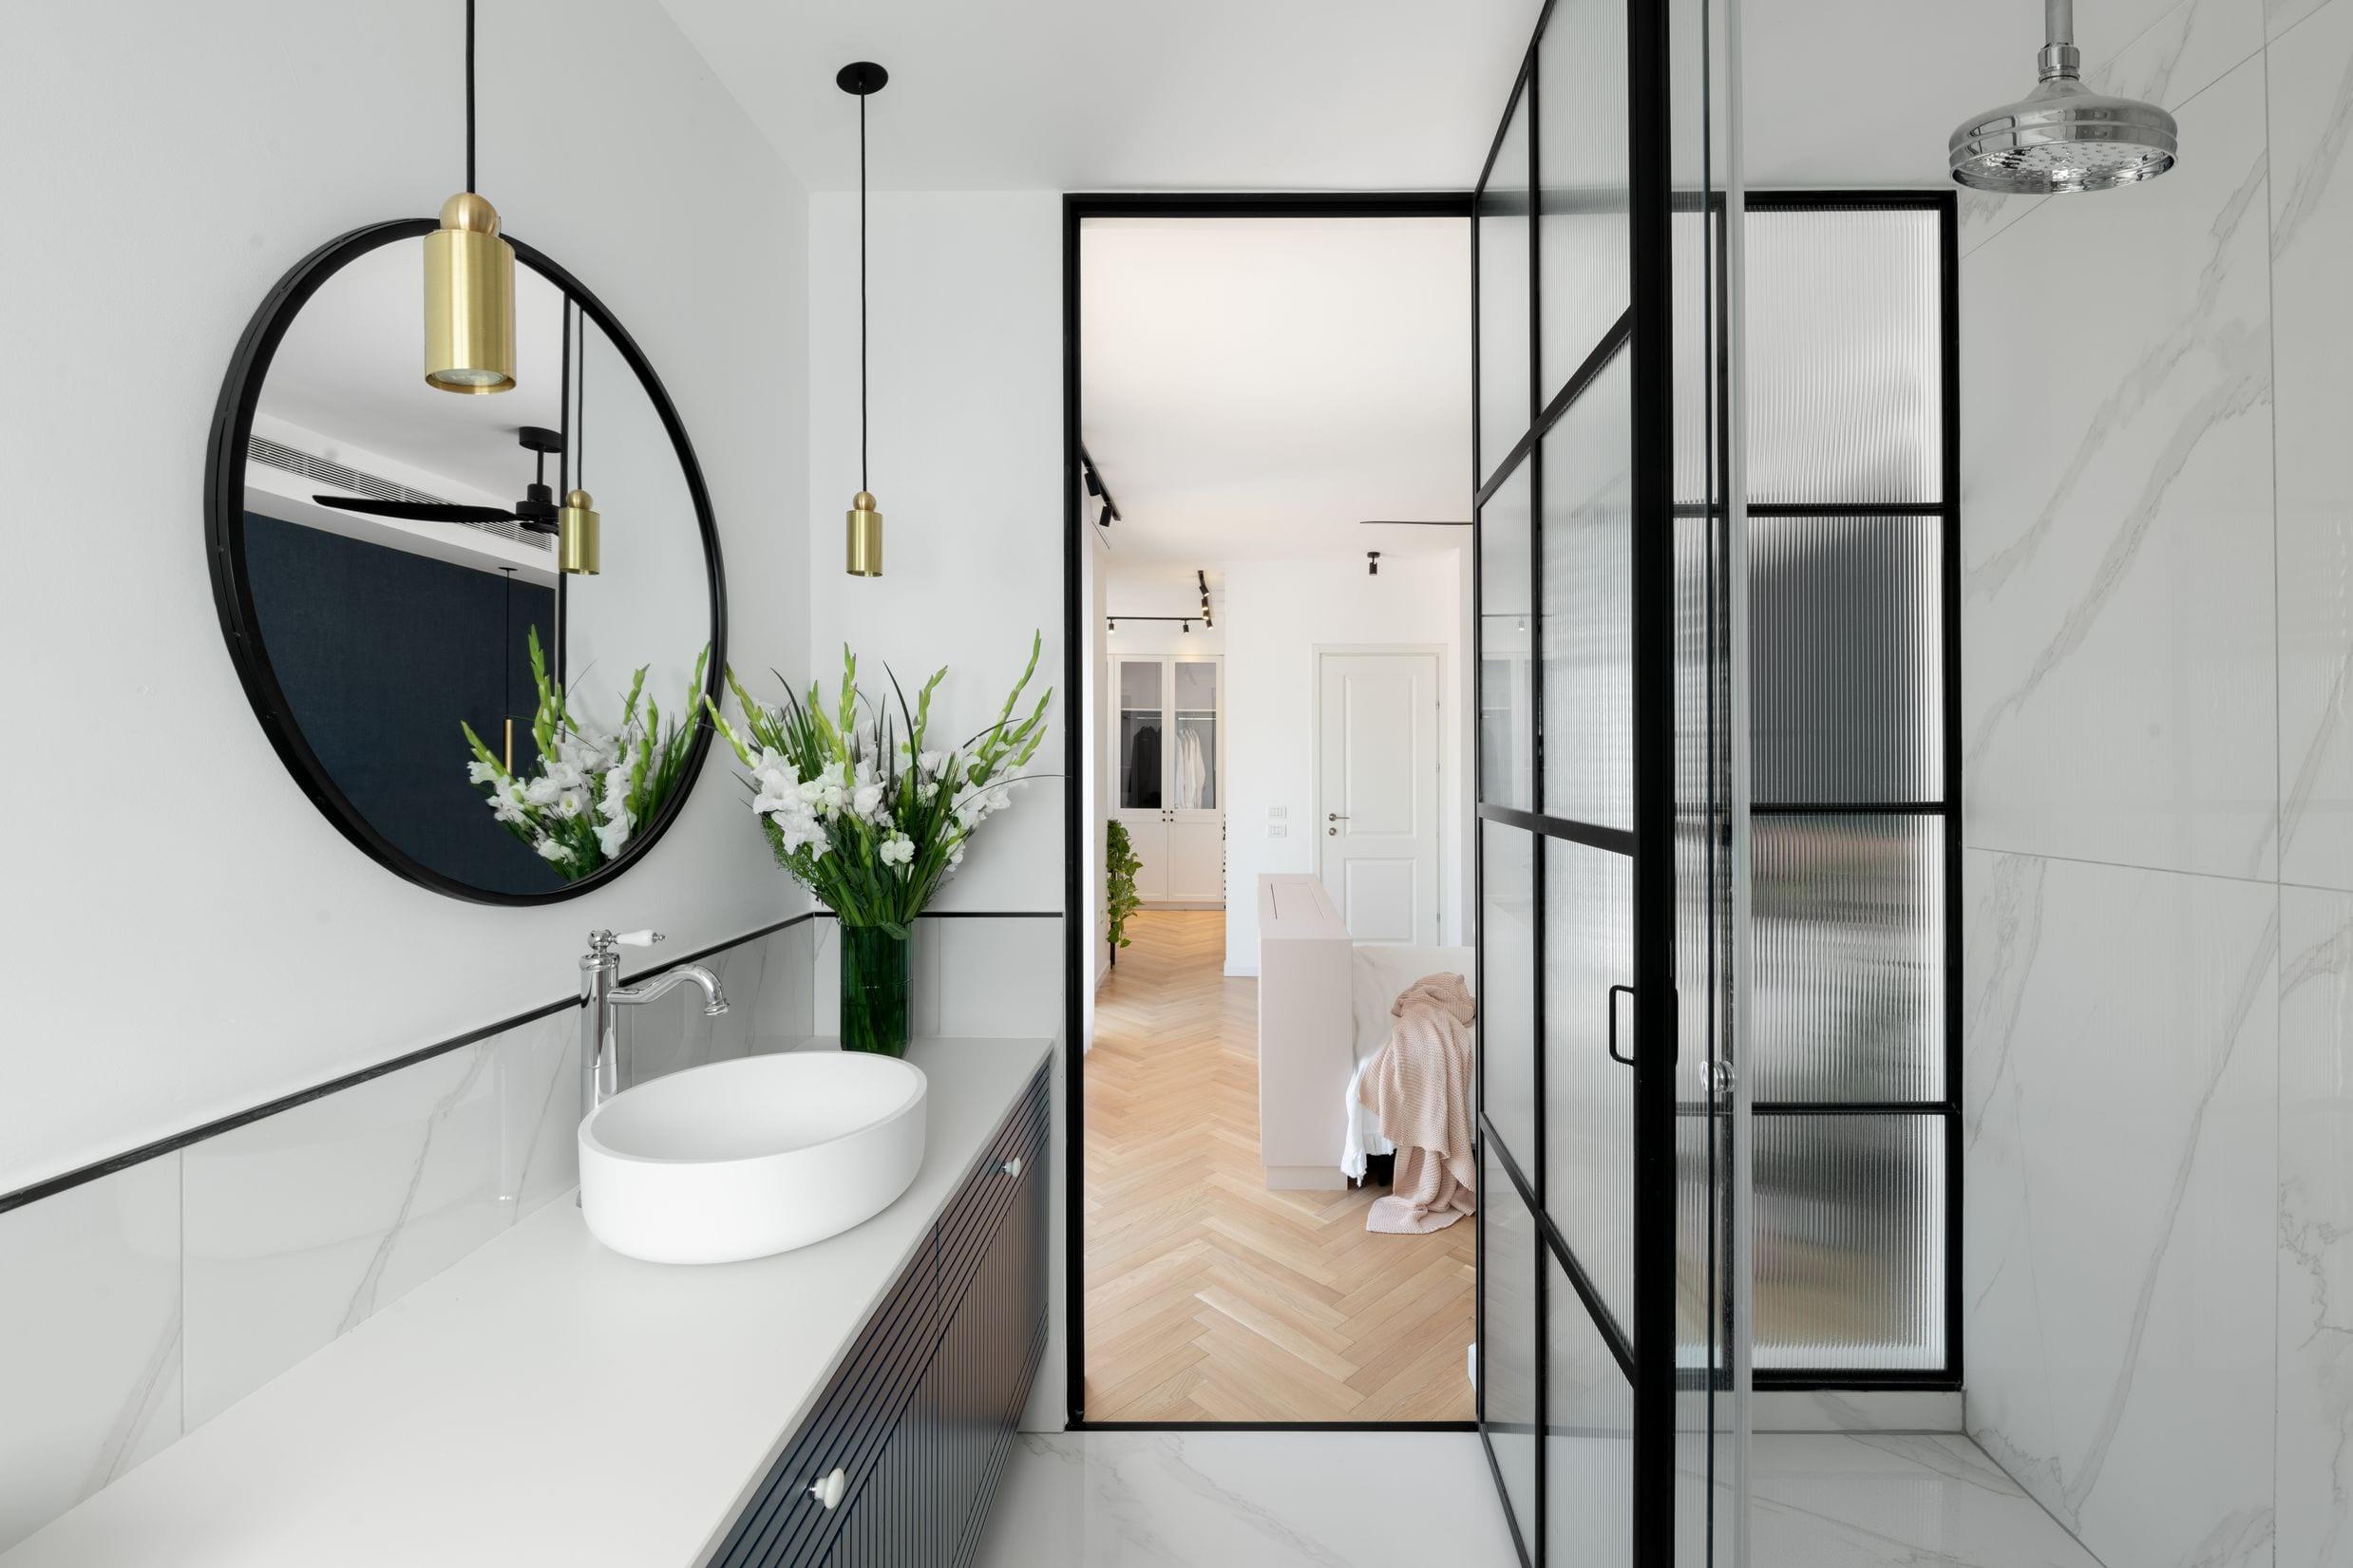 דלת ברזל מעוצבת עם זכוכית ופרופיל ברזל בצבע שחור ללא חלודה גם בחדרים רטובים ובאמבטיה.